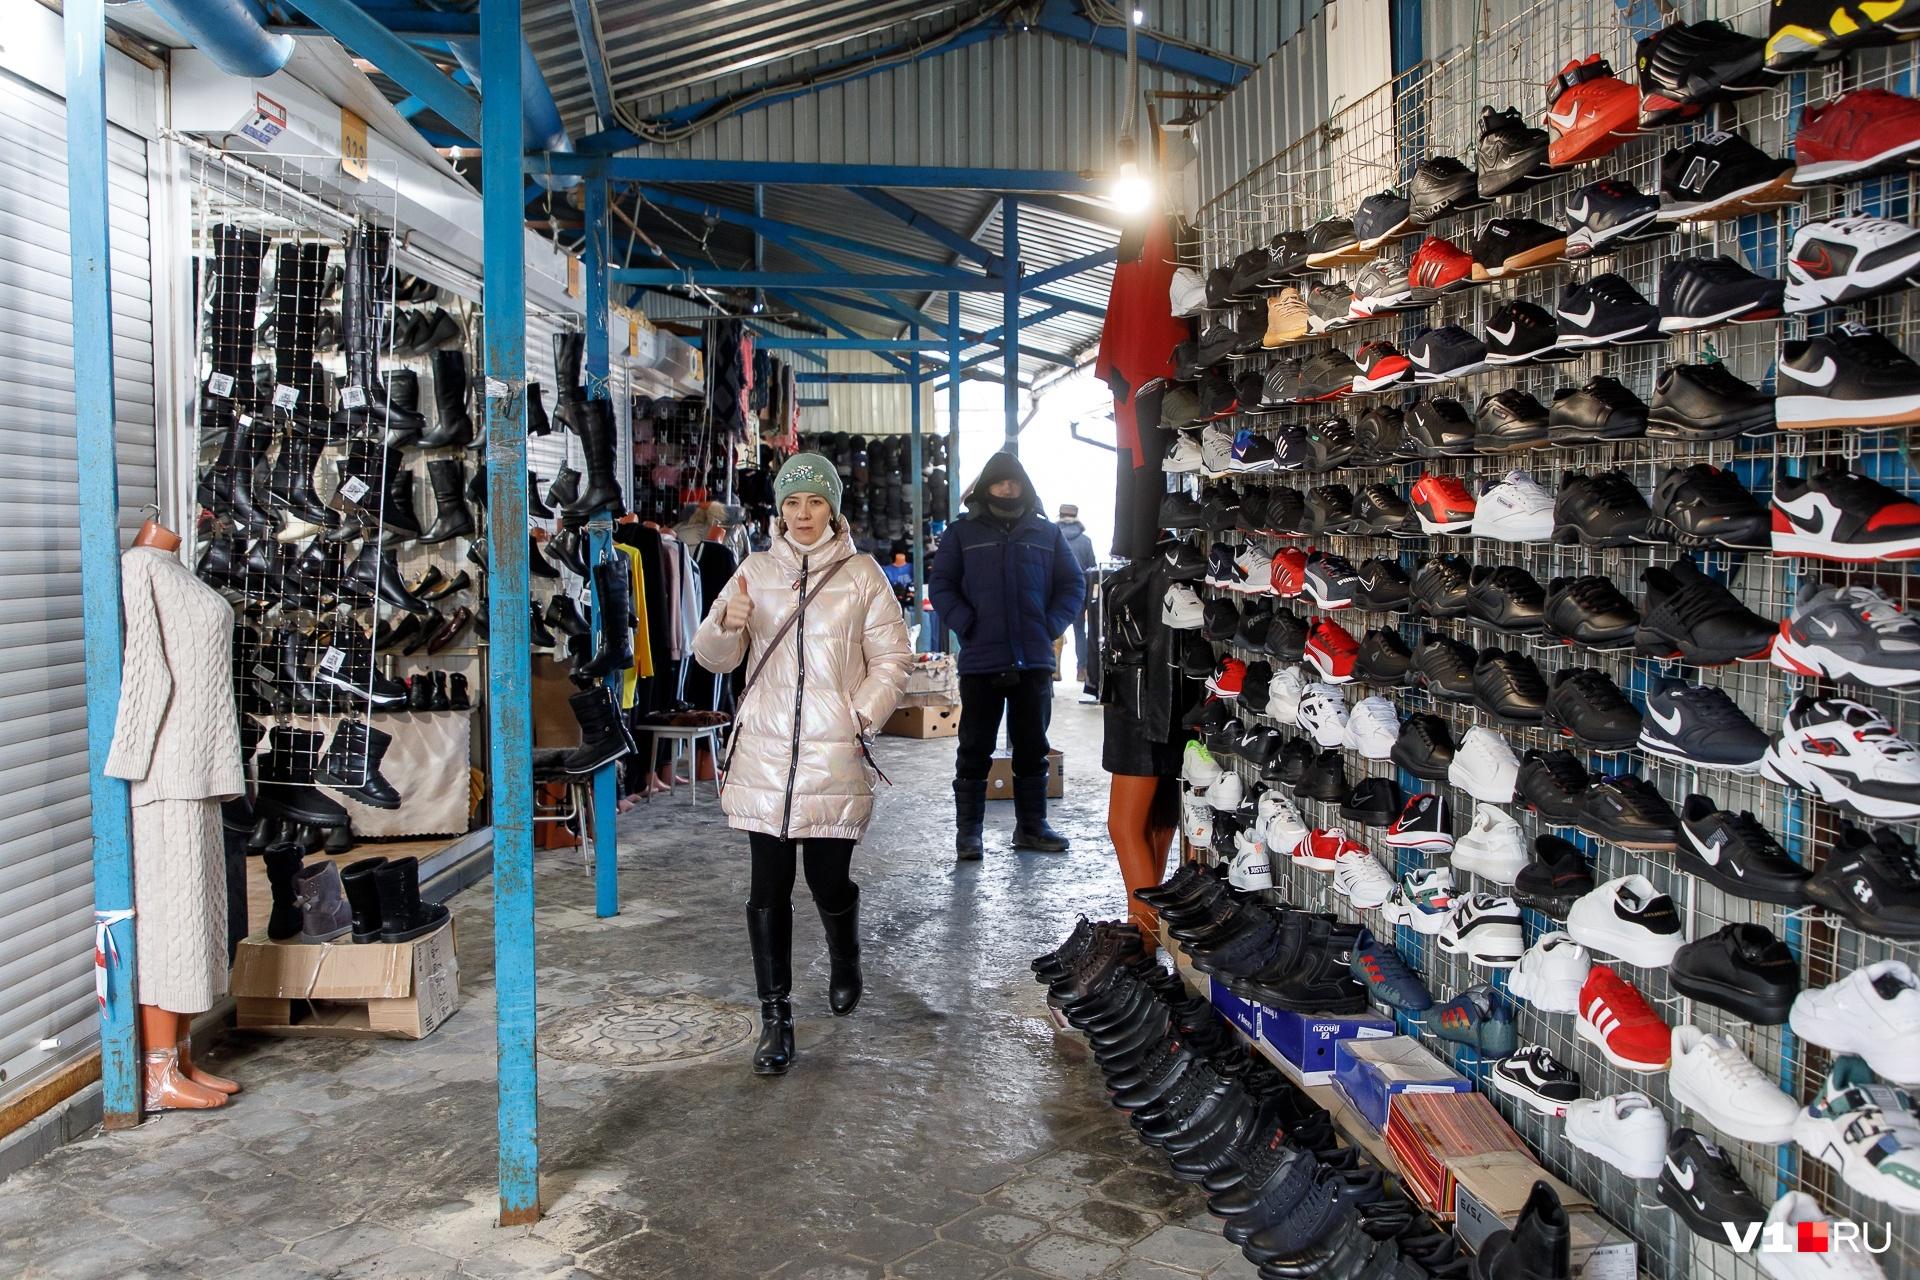 Торговцы верят, что волгоградцы еще придут на рынок за их товаром